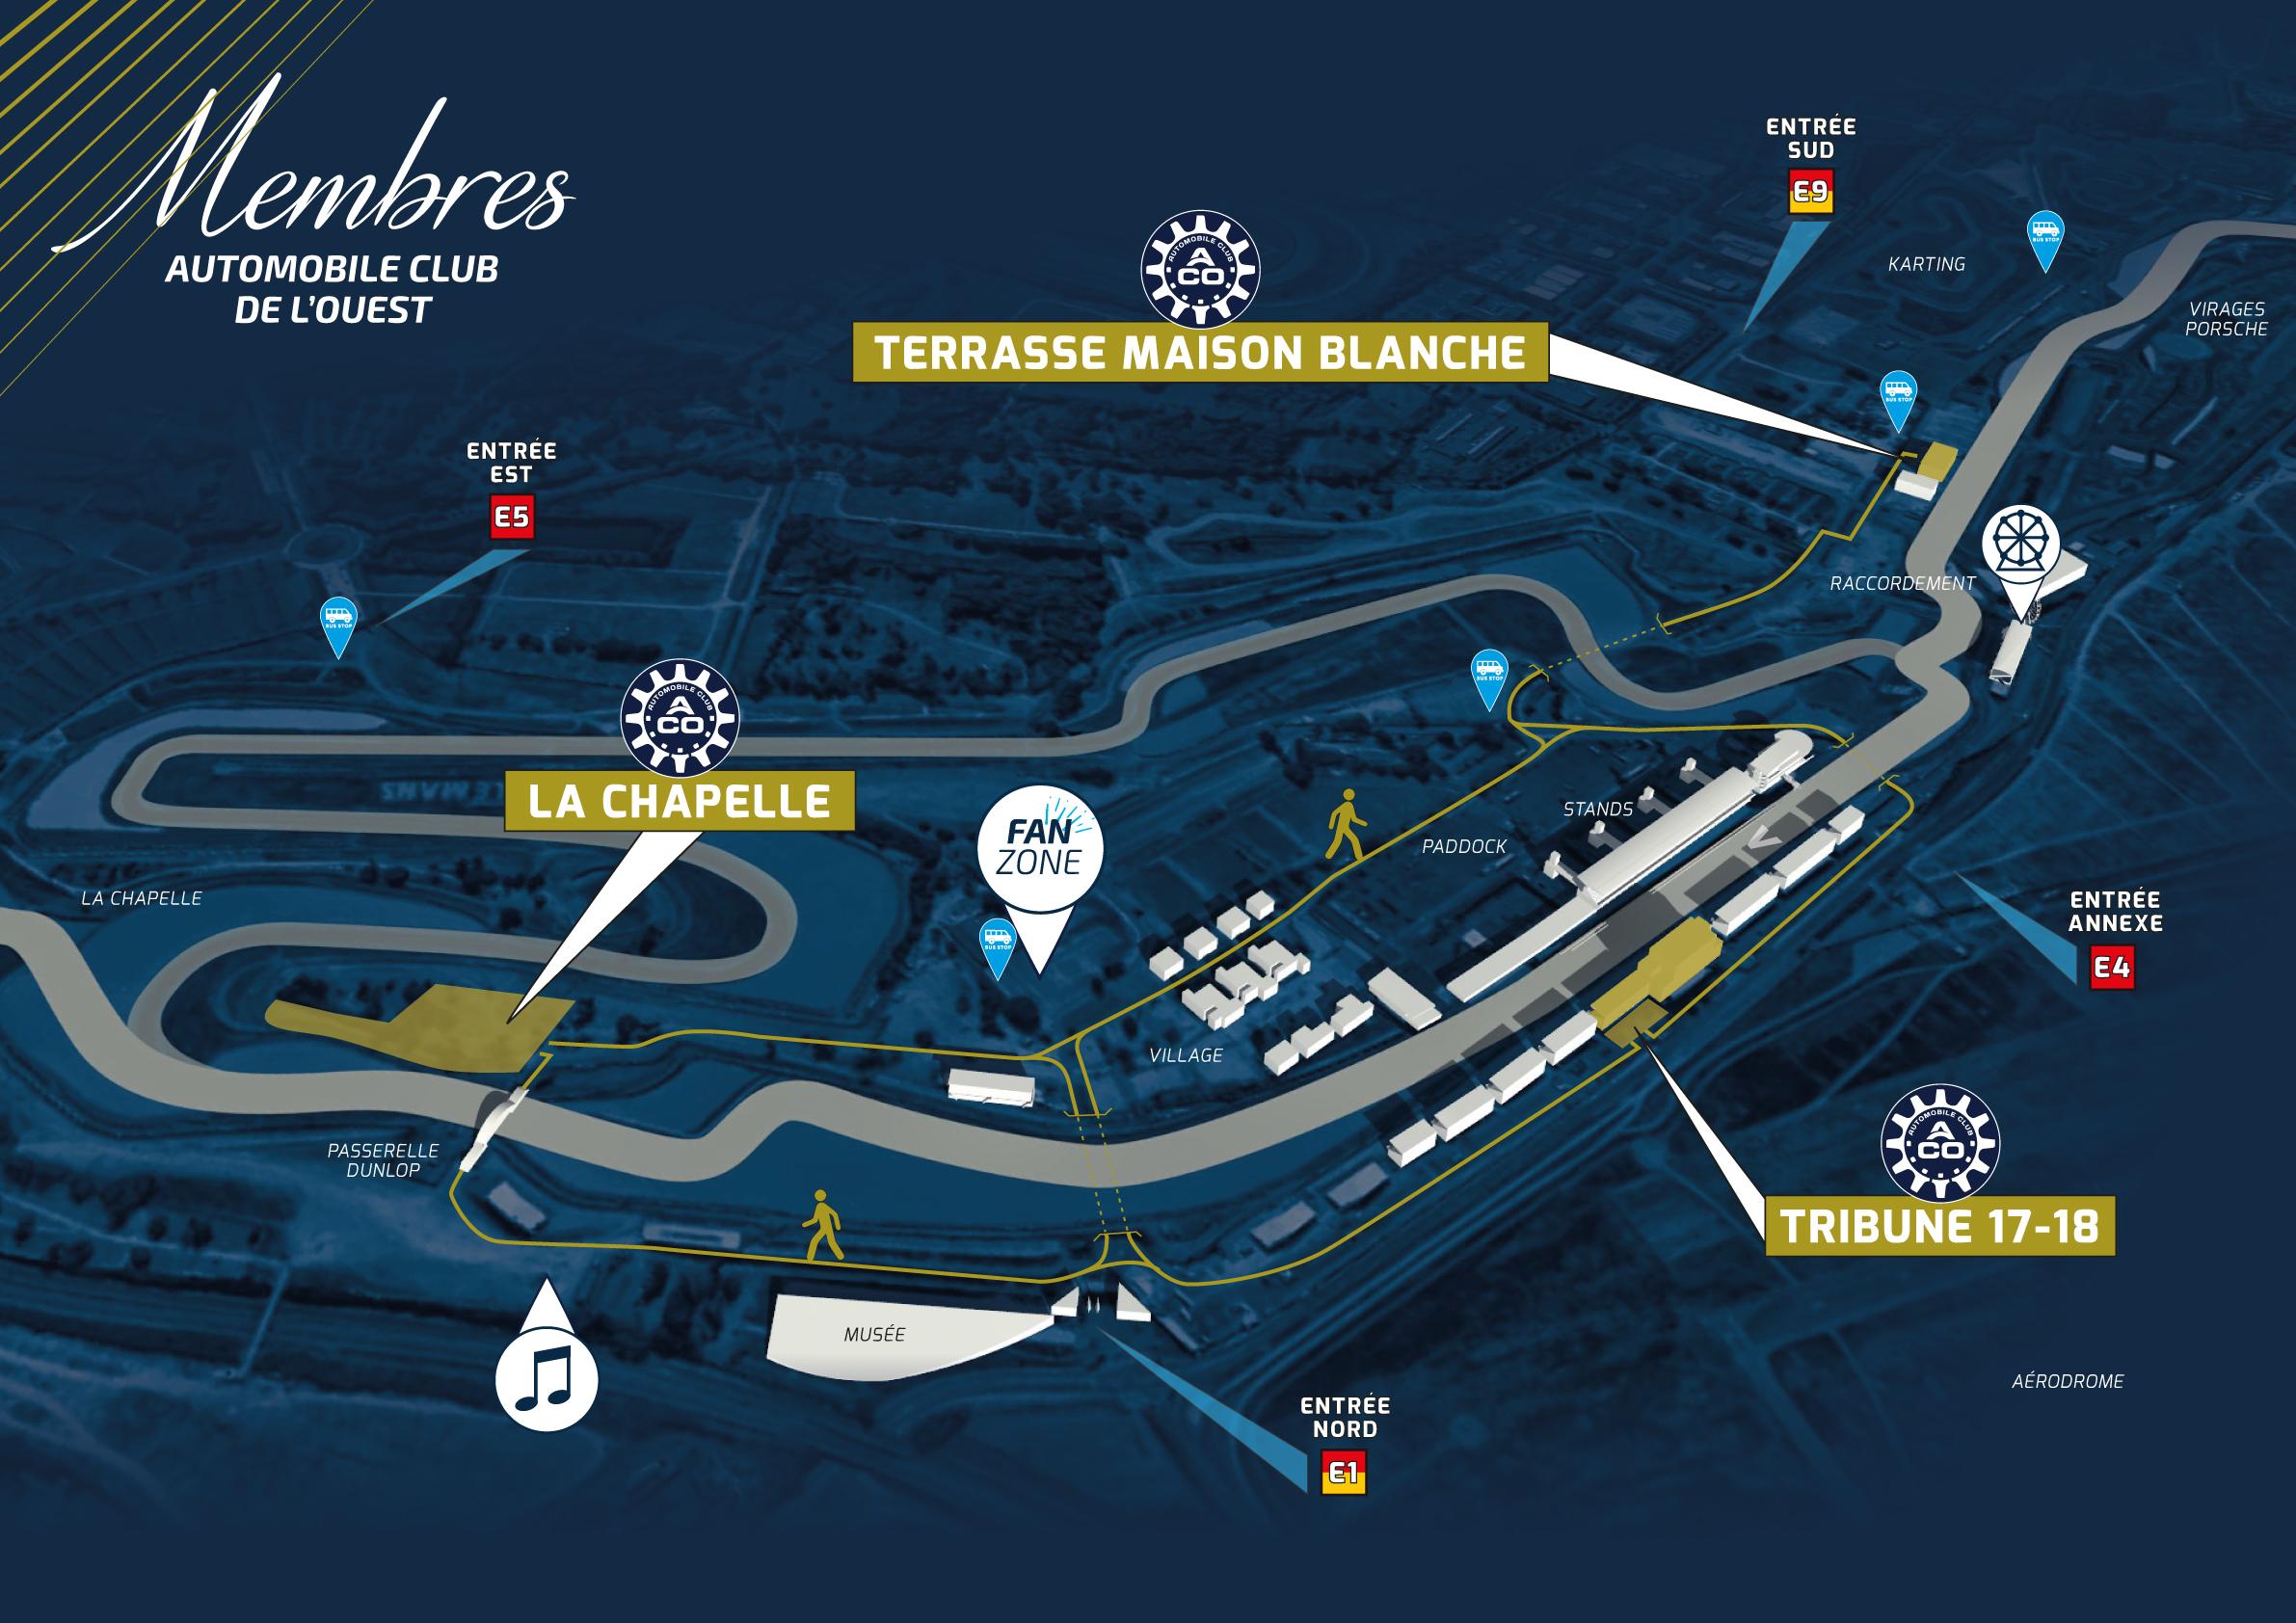 Club ACO   24 Heures du Mans : l'accueil des membres mercredi 12 juin